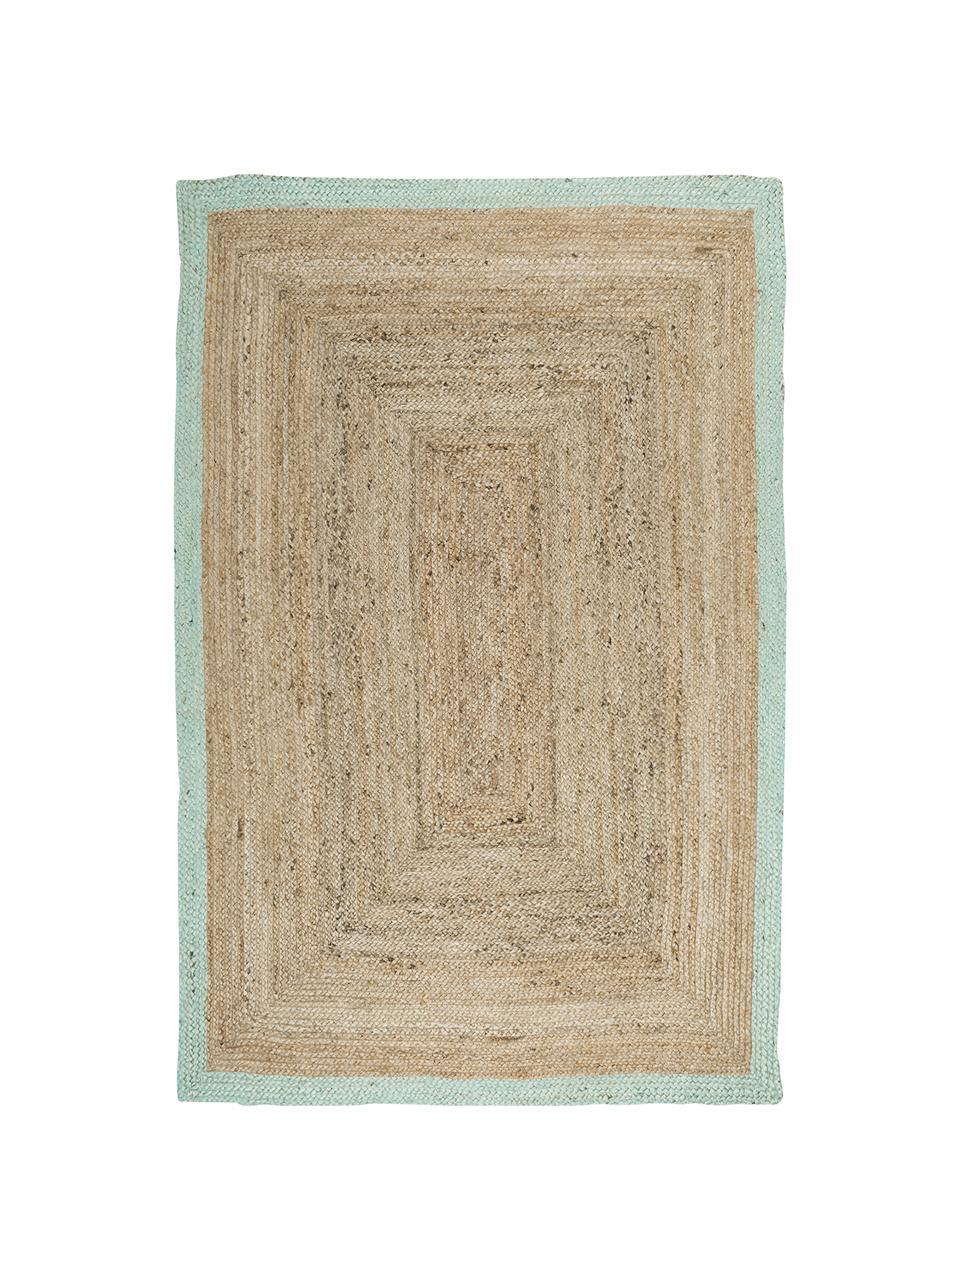 Tappeto in juta fatto a mano con bordo verde menta Shanta, 100% juta, Juta, verde menta, Larg. 80 x Lung. 150 cm (taglia XS)